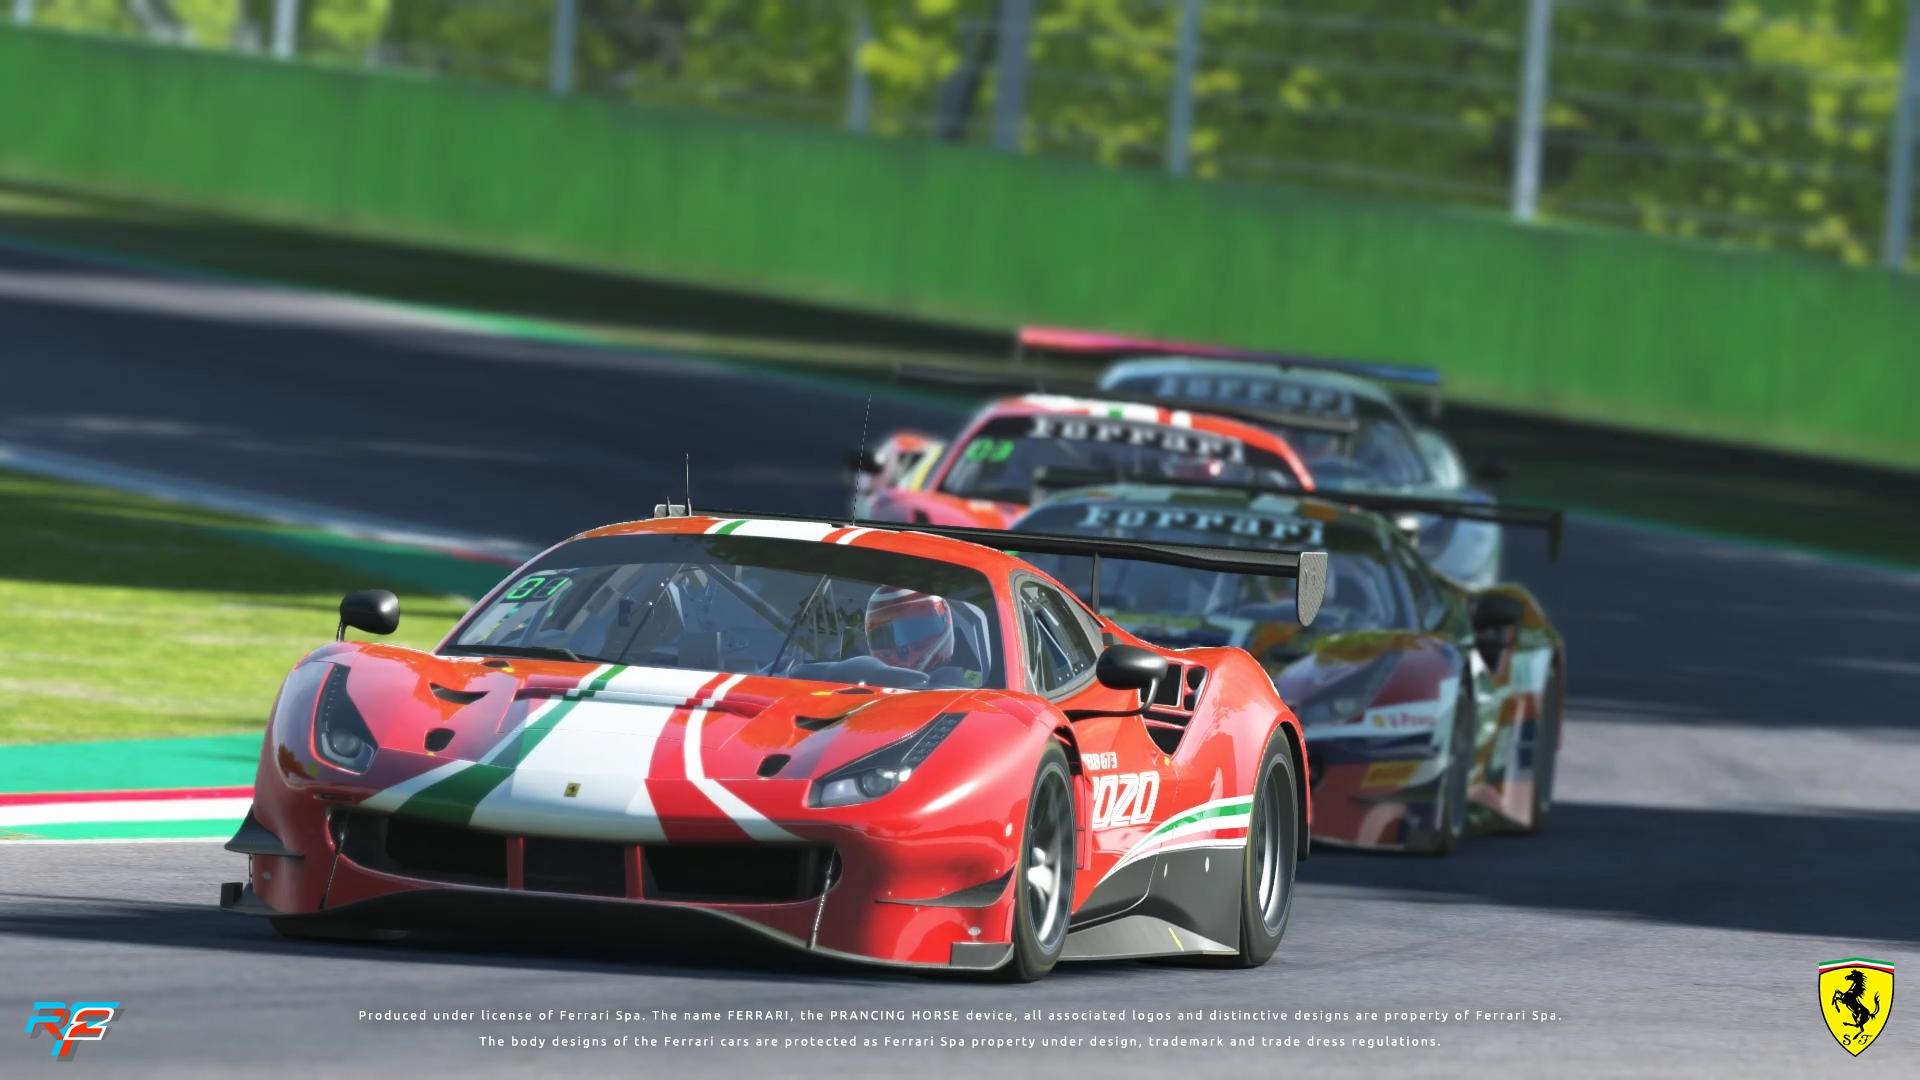 rFactor_2_Ferrari_488_GT3_EVO_2020_05.jpg